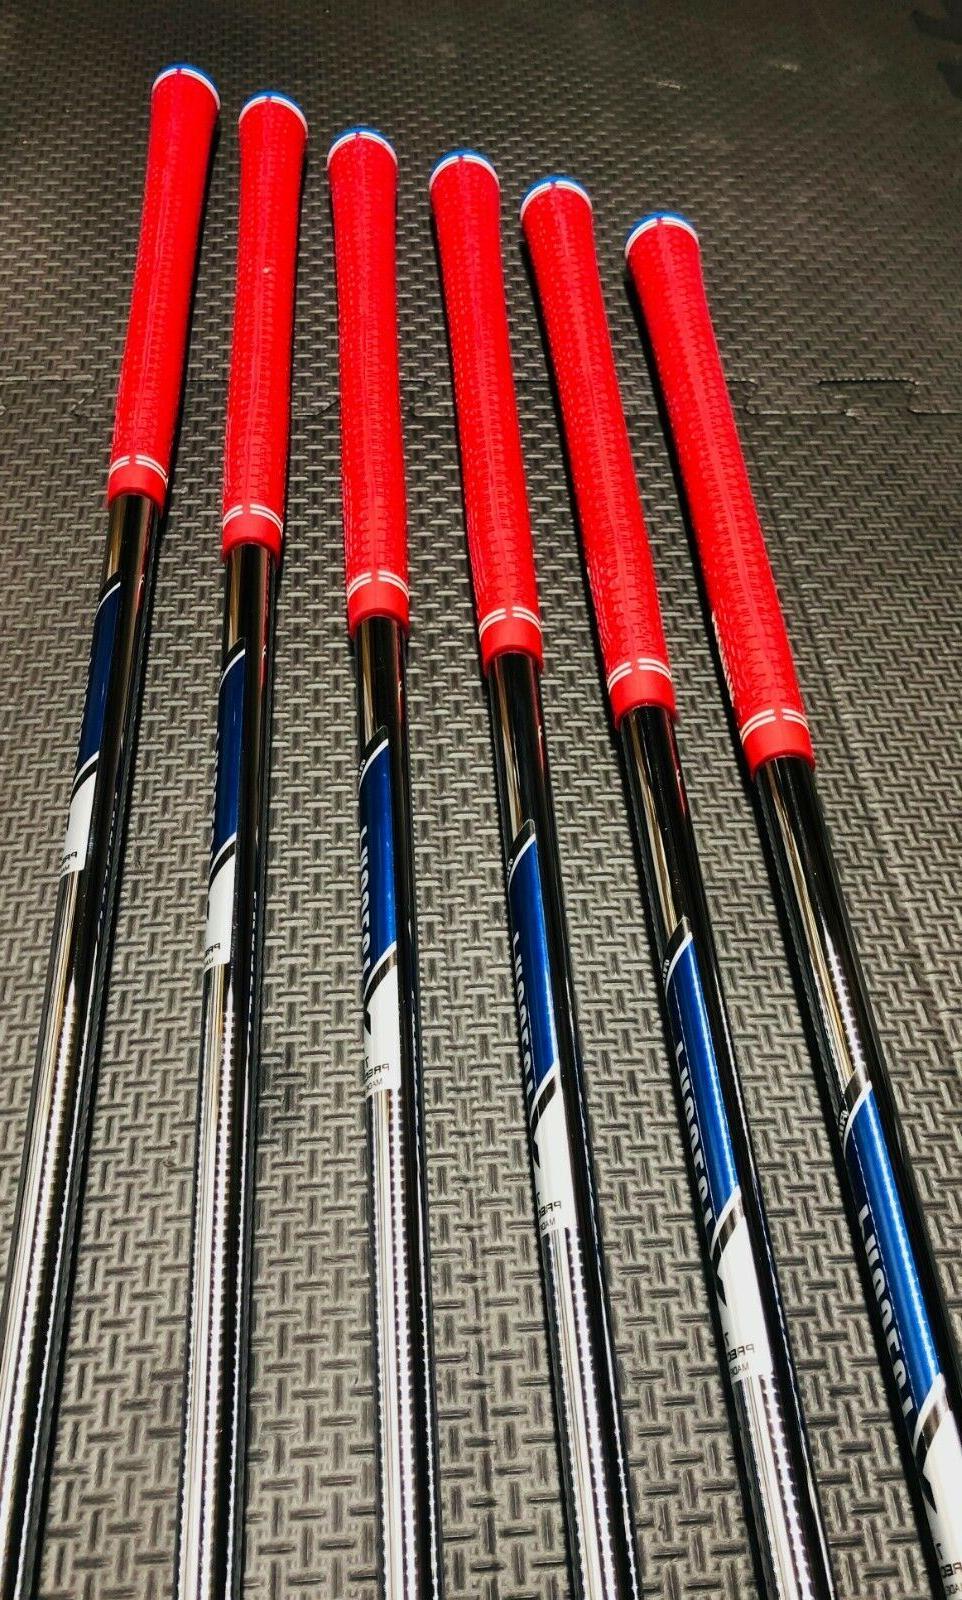 NEW Irons Set 6-PW, GW - Custom Shafts -